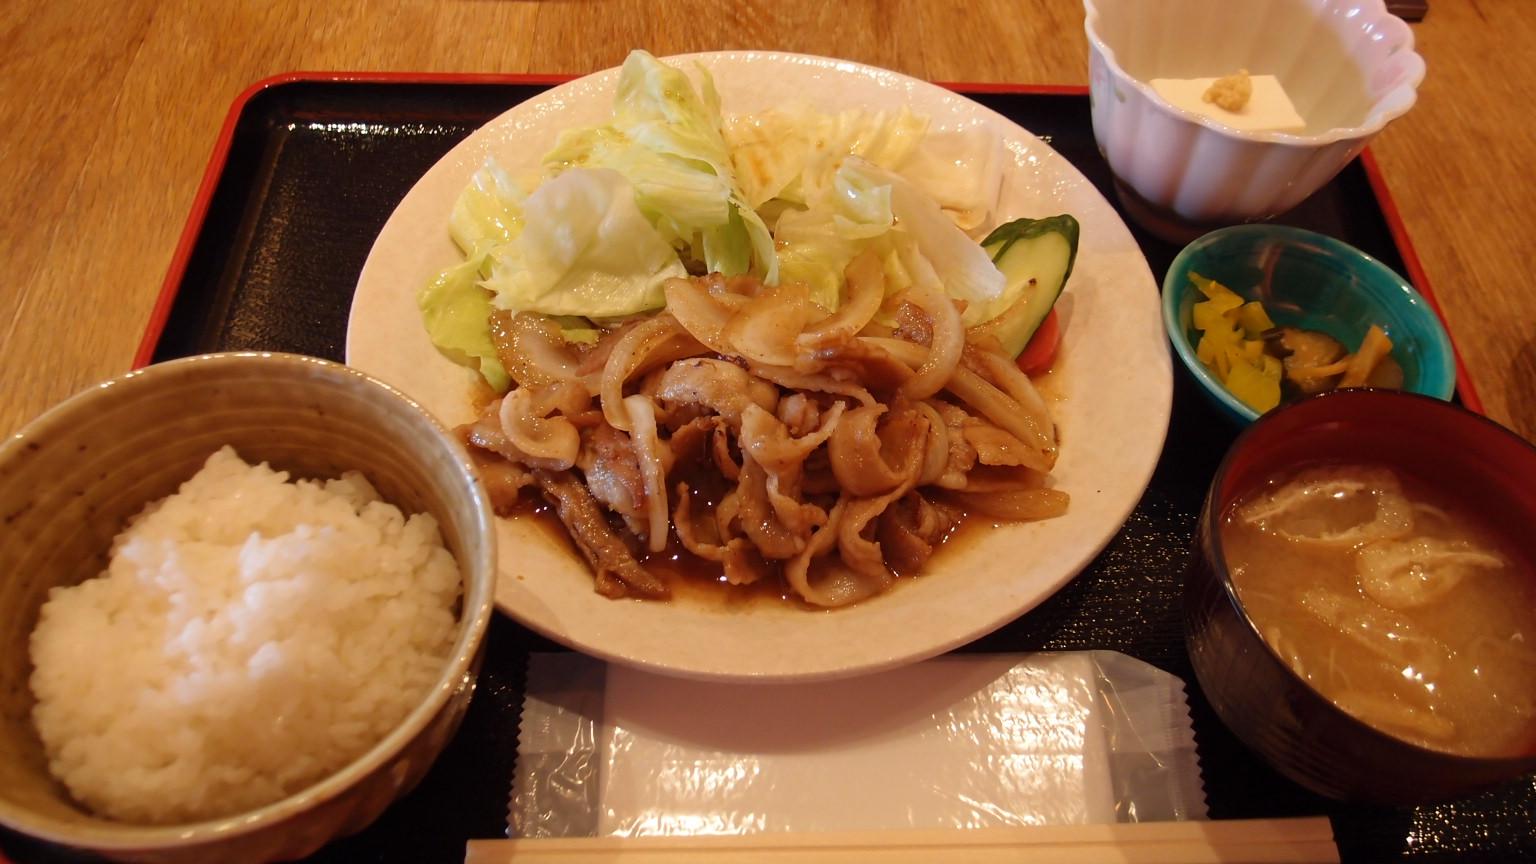 銀座 喜皿 豚の生姜焼き定食